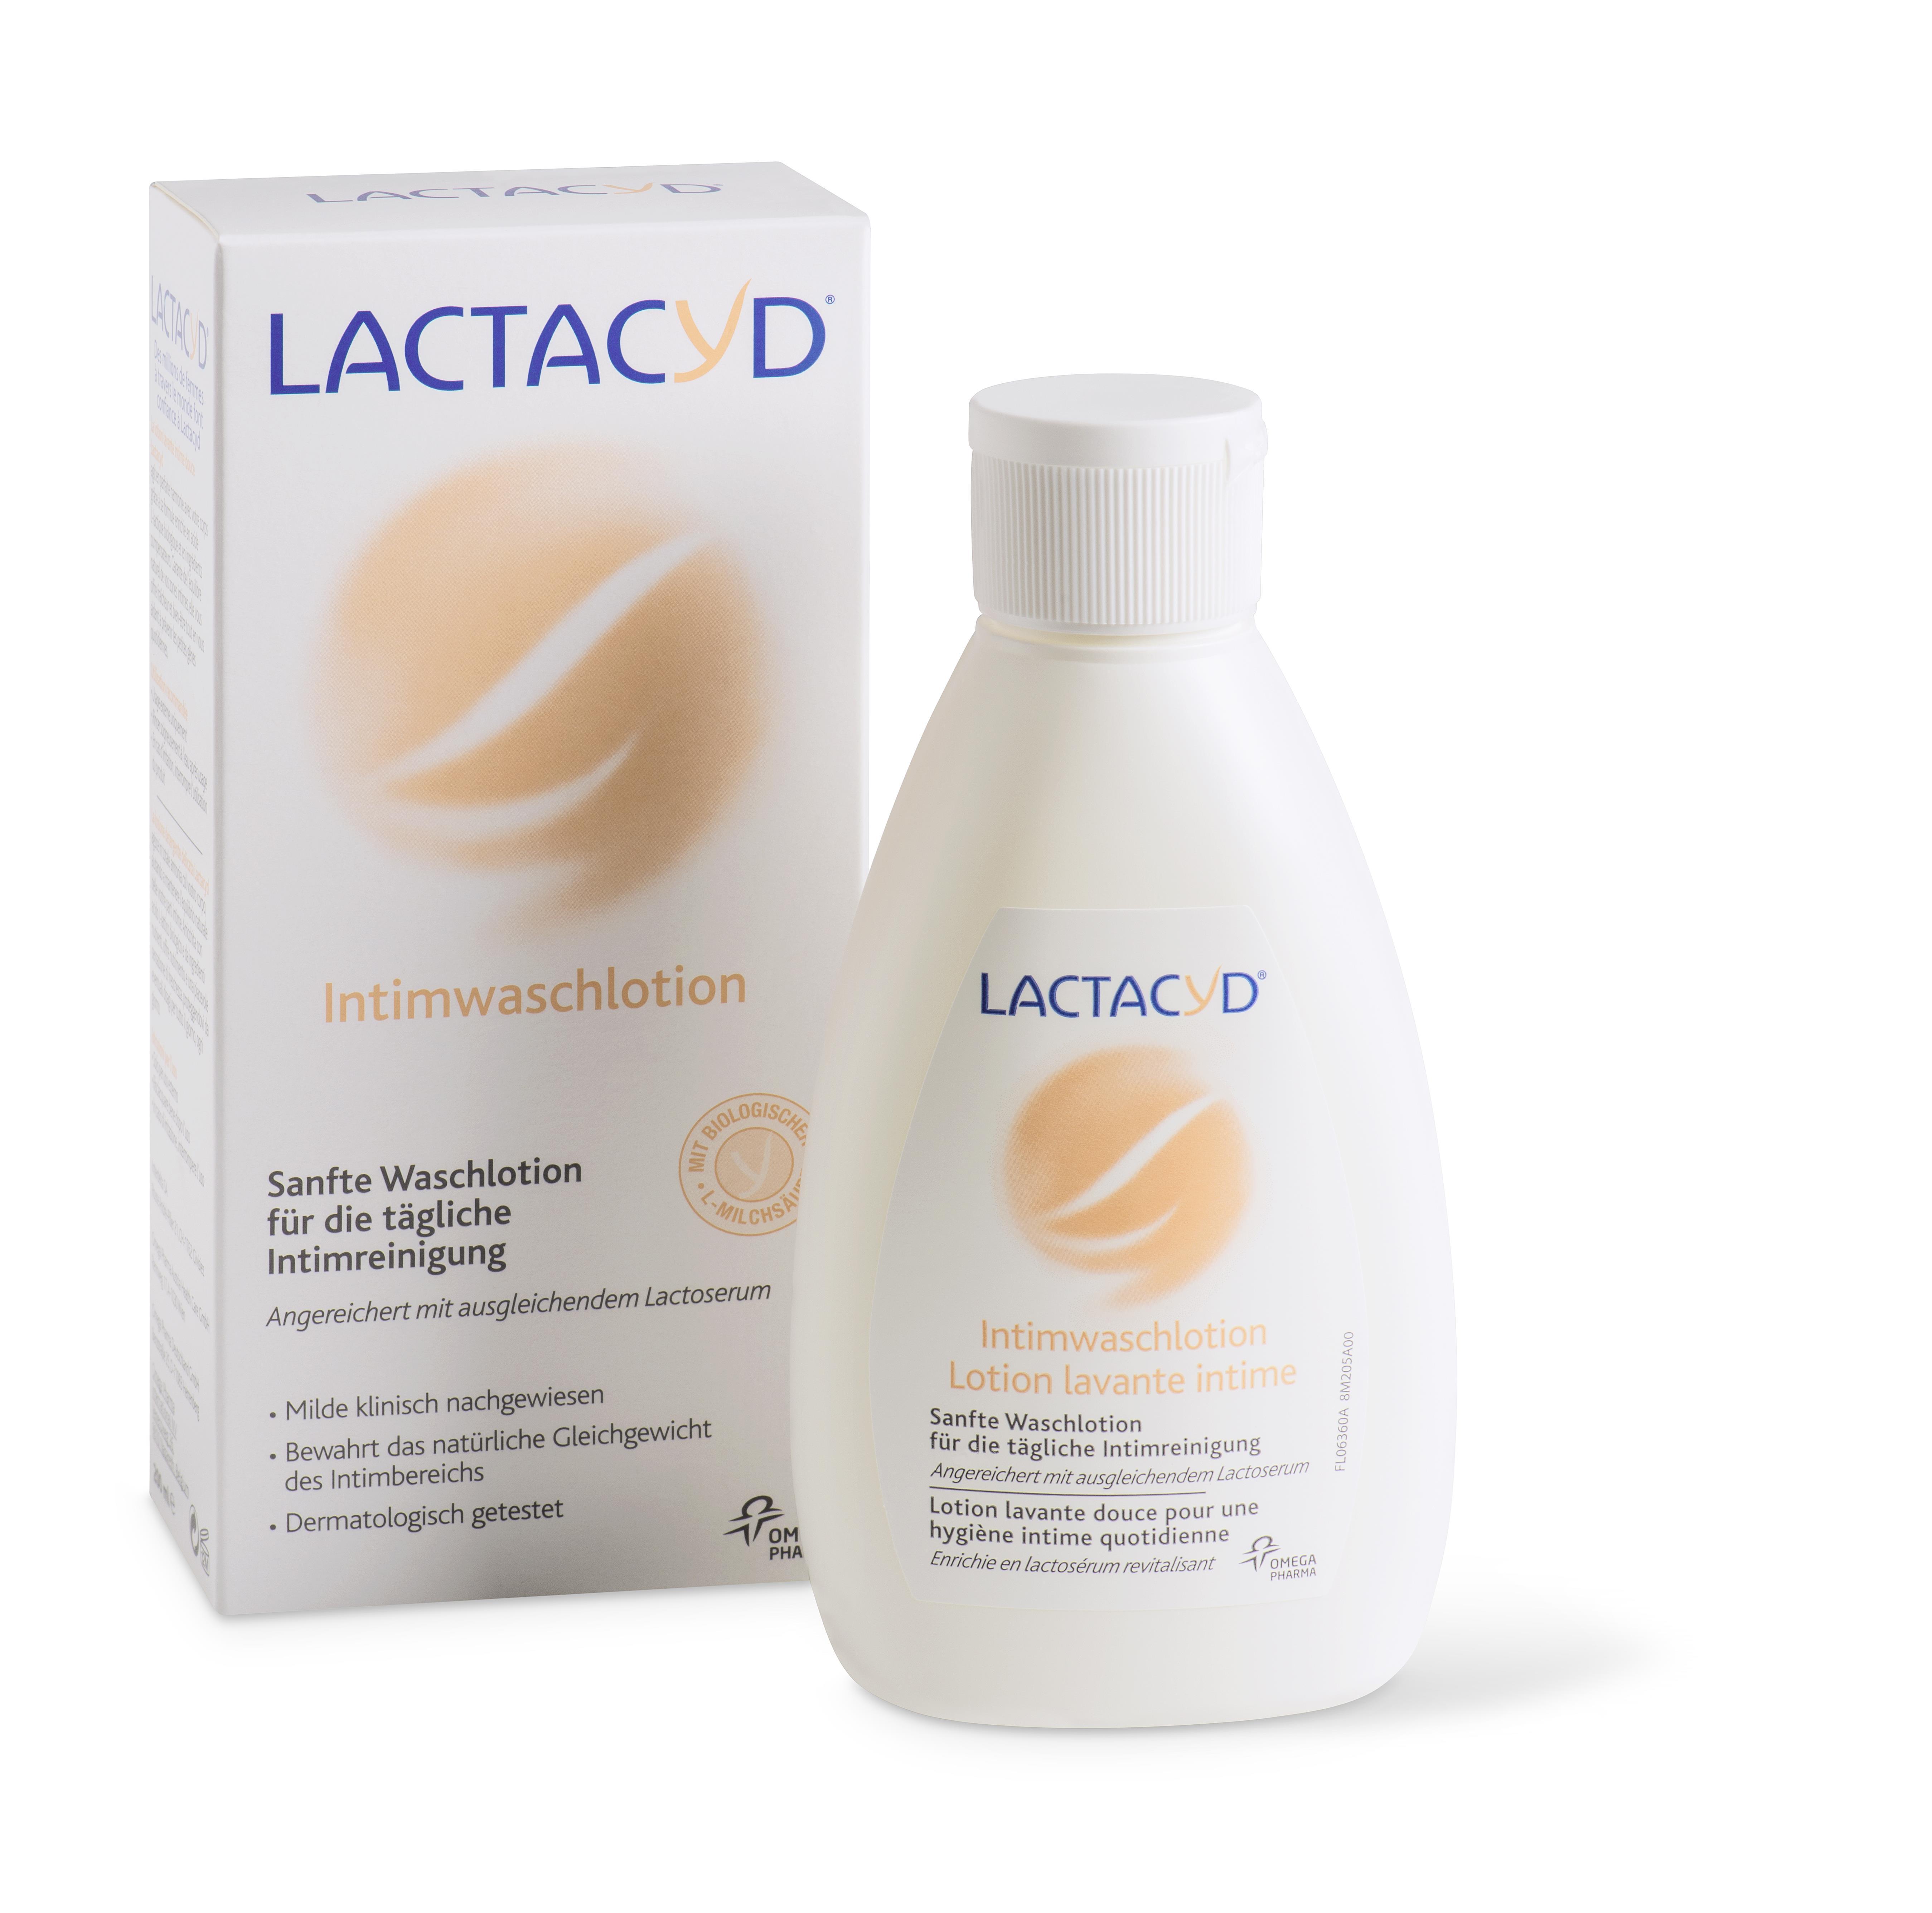 Lactacyd Femina Emulsion